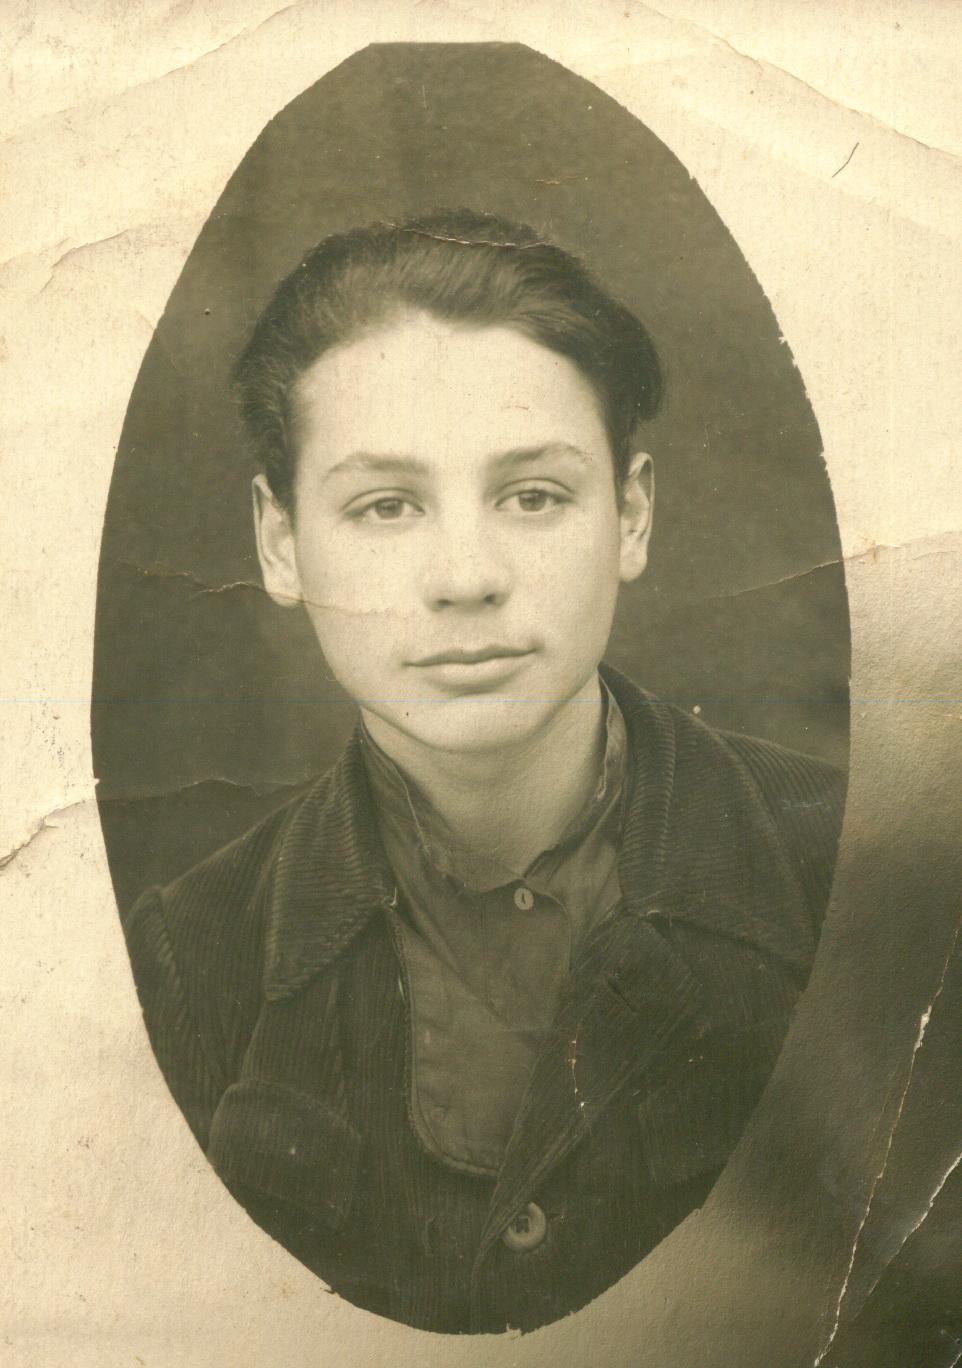 Лейба Смиловицкий накануне ухода в Красную армию, ст. Туймаза, Уфимской области Башкирской АССР, зима 1942 г.